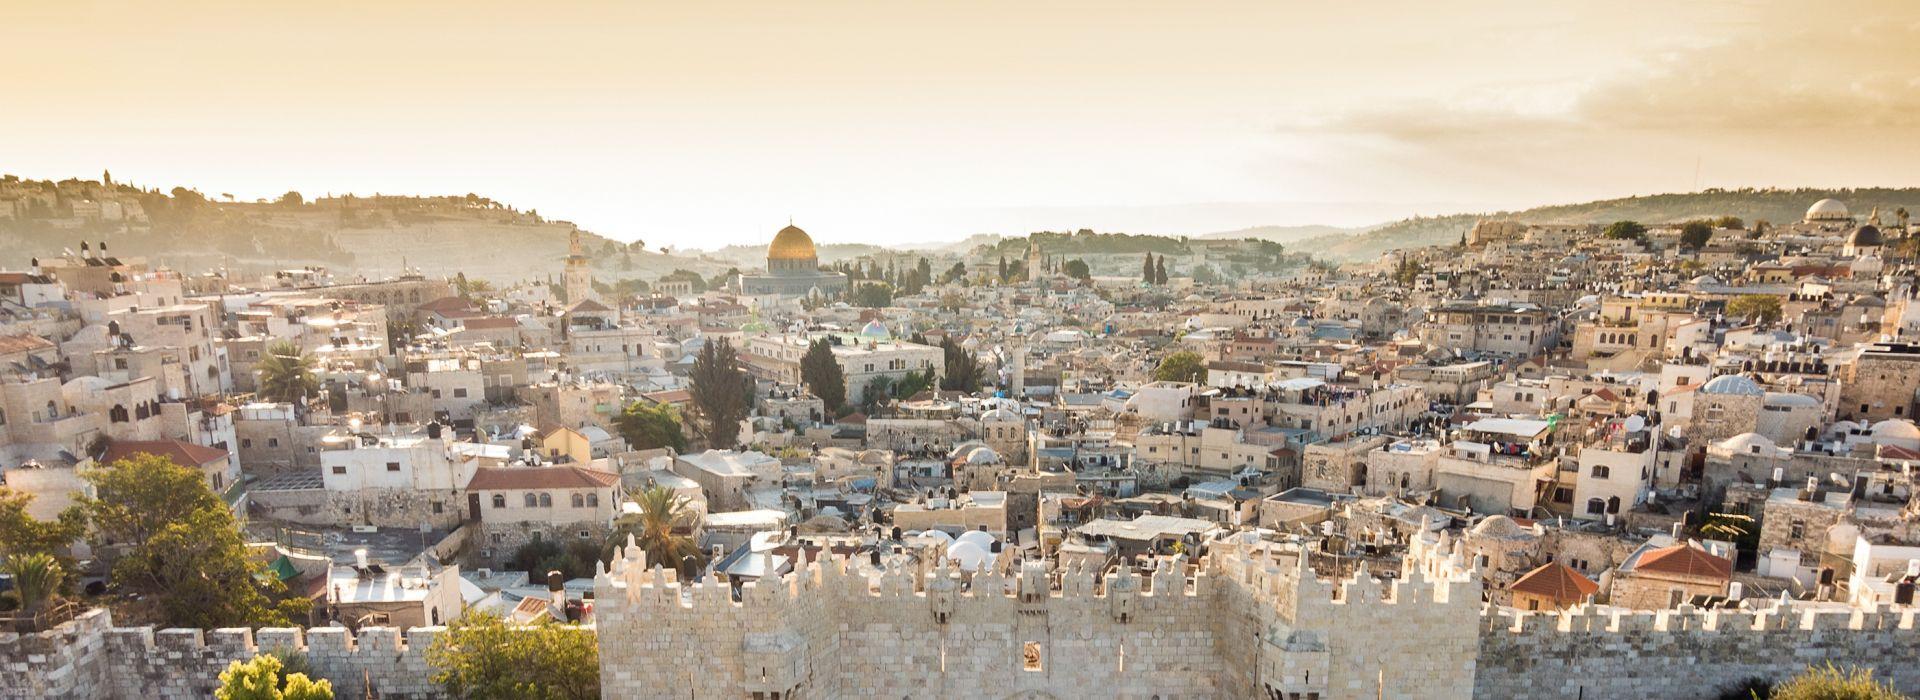 Adventure Tours in Jerusalem